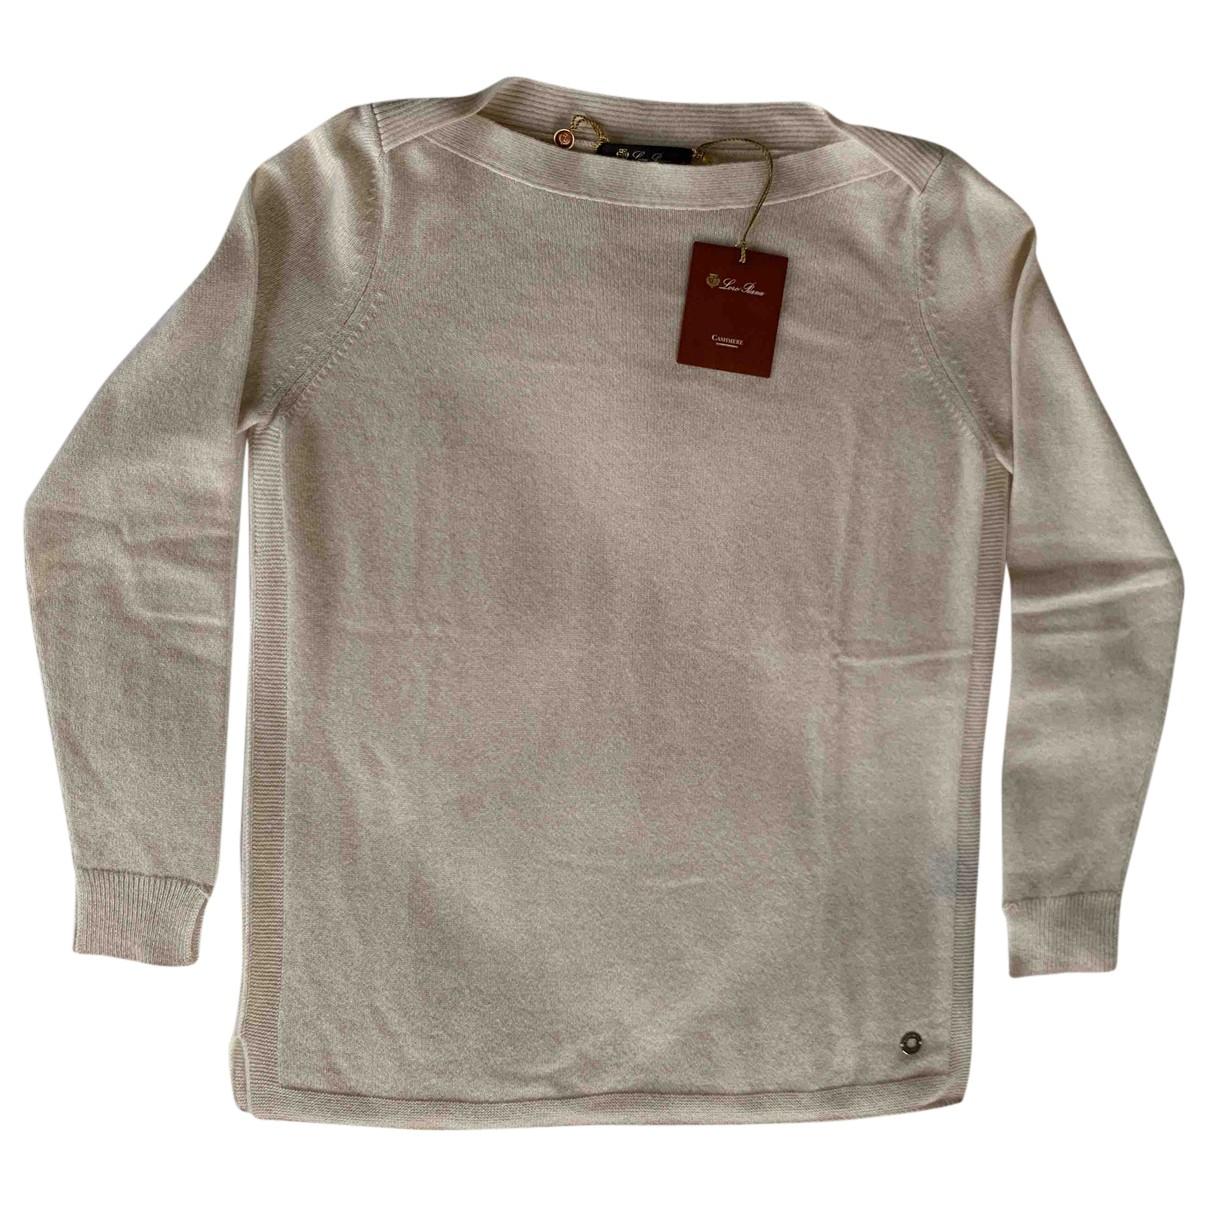 Loro Piana N Beige Cashmere Knitwear for Women 44 IT